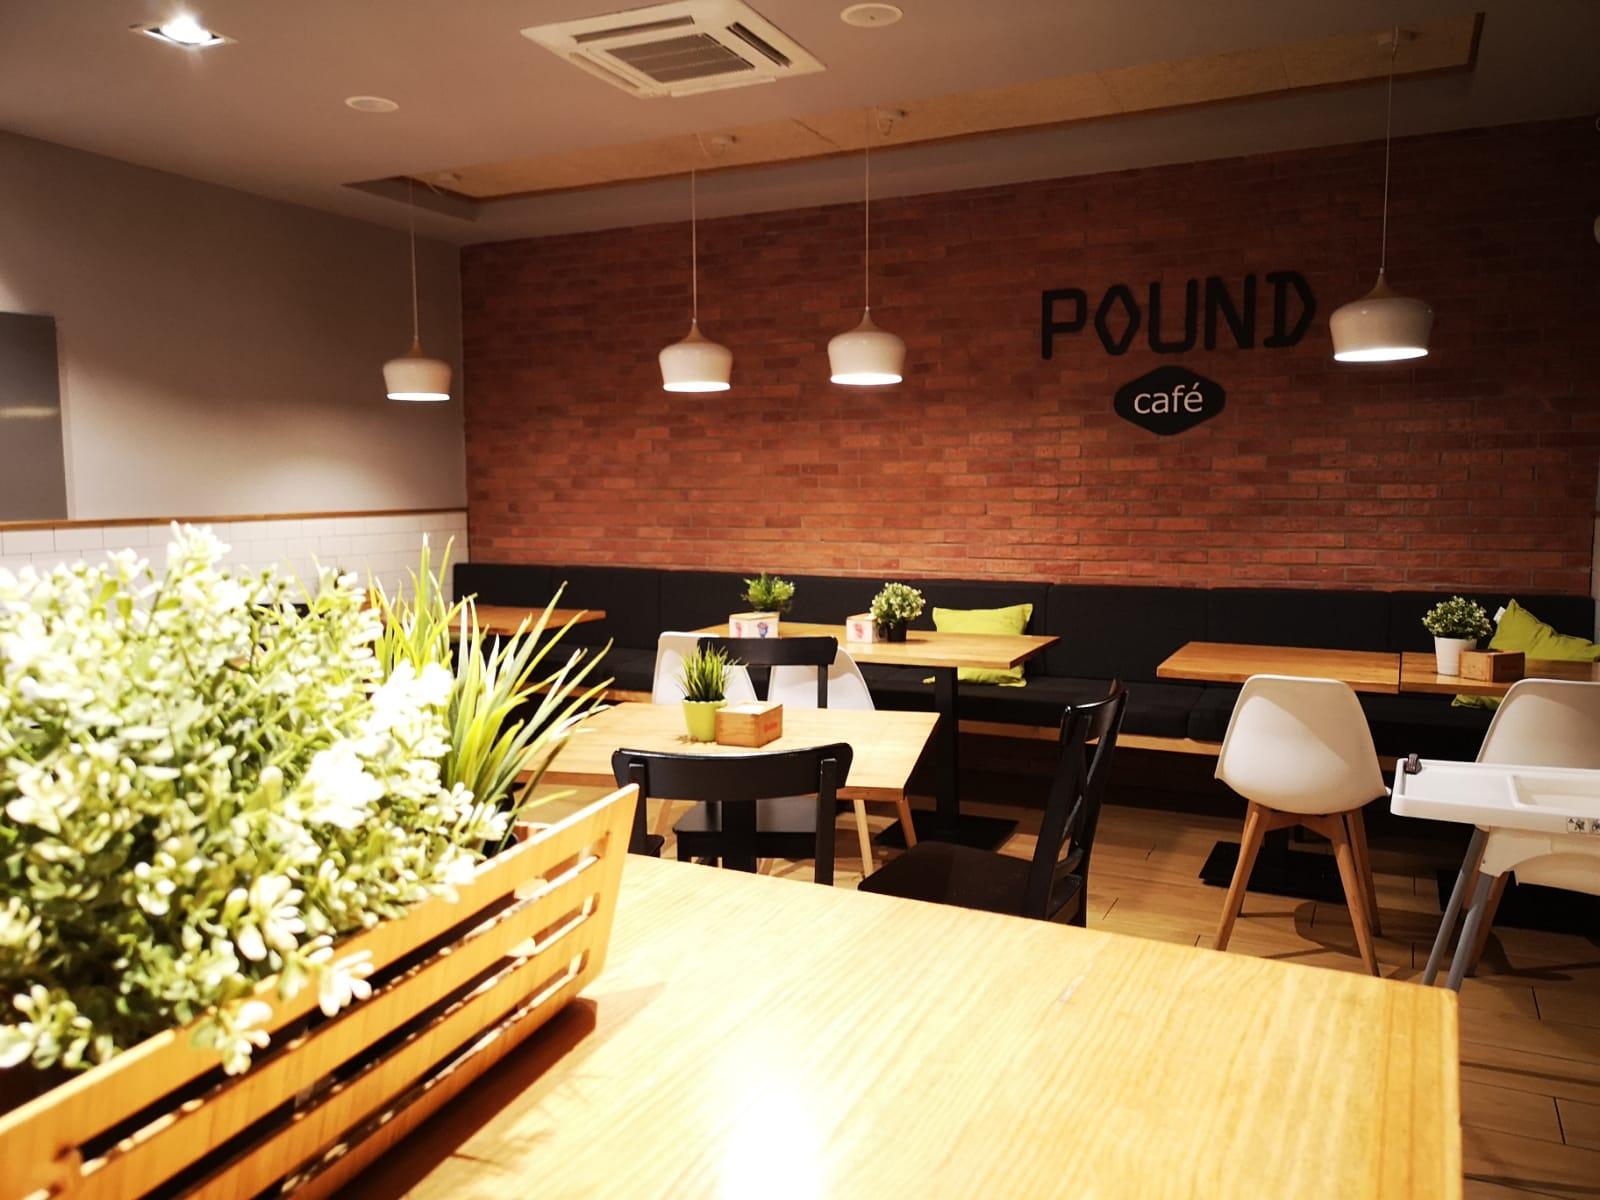 Pound café: restaurante de cocina tradicional en Móstoles